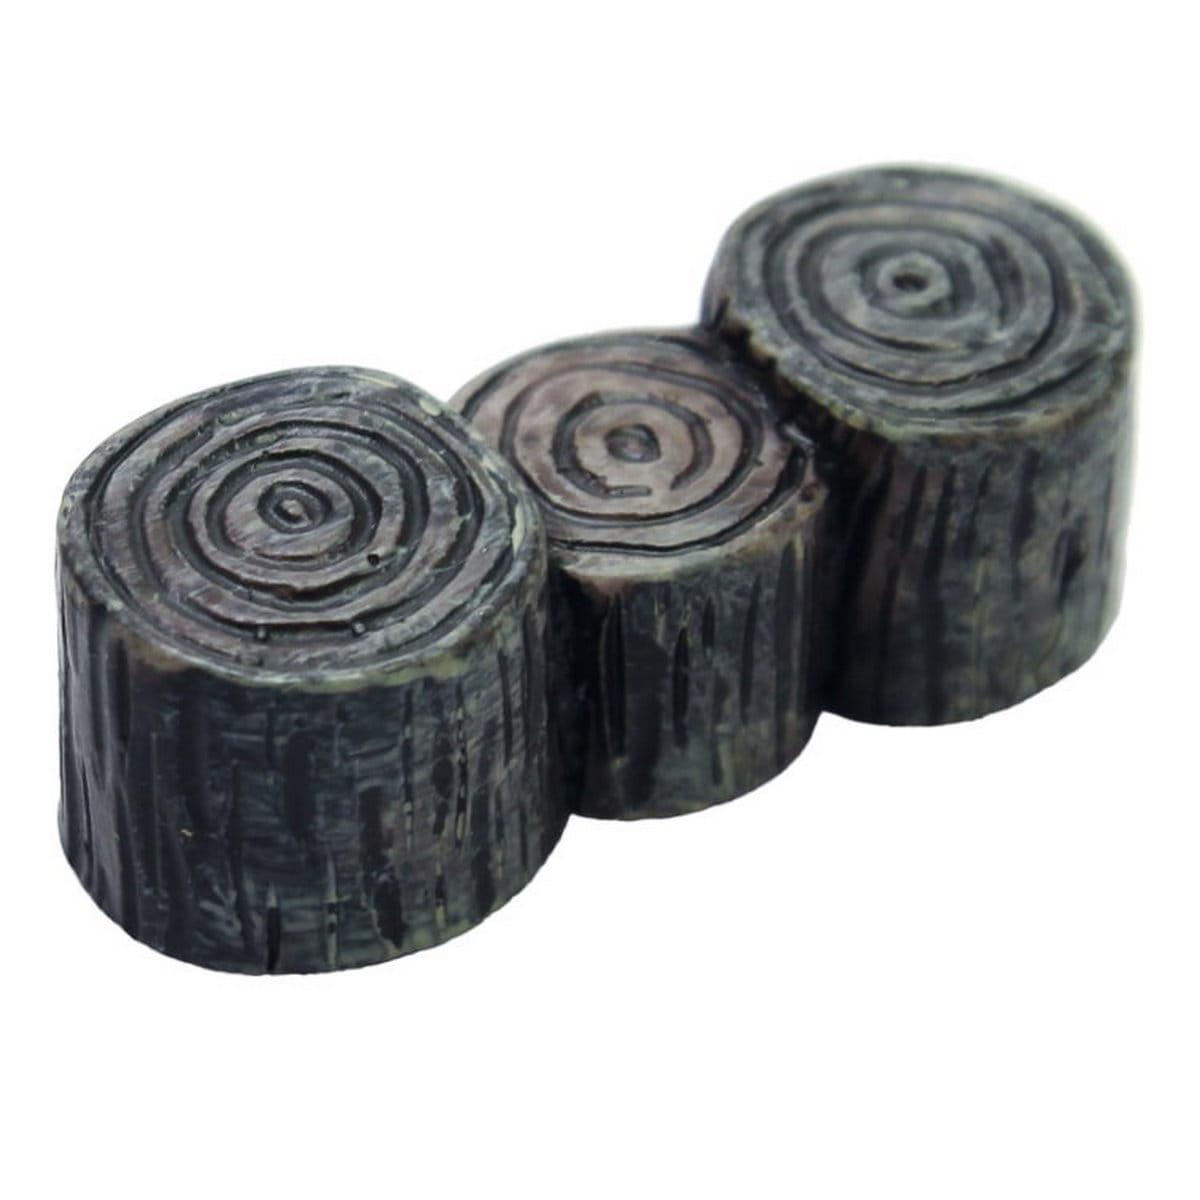 Miniature Wooden Stool